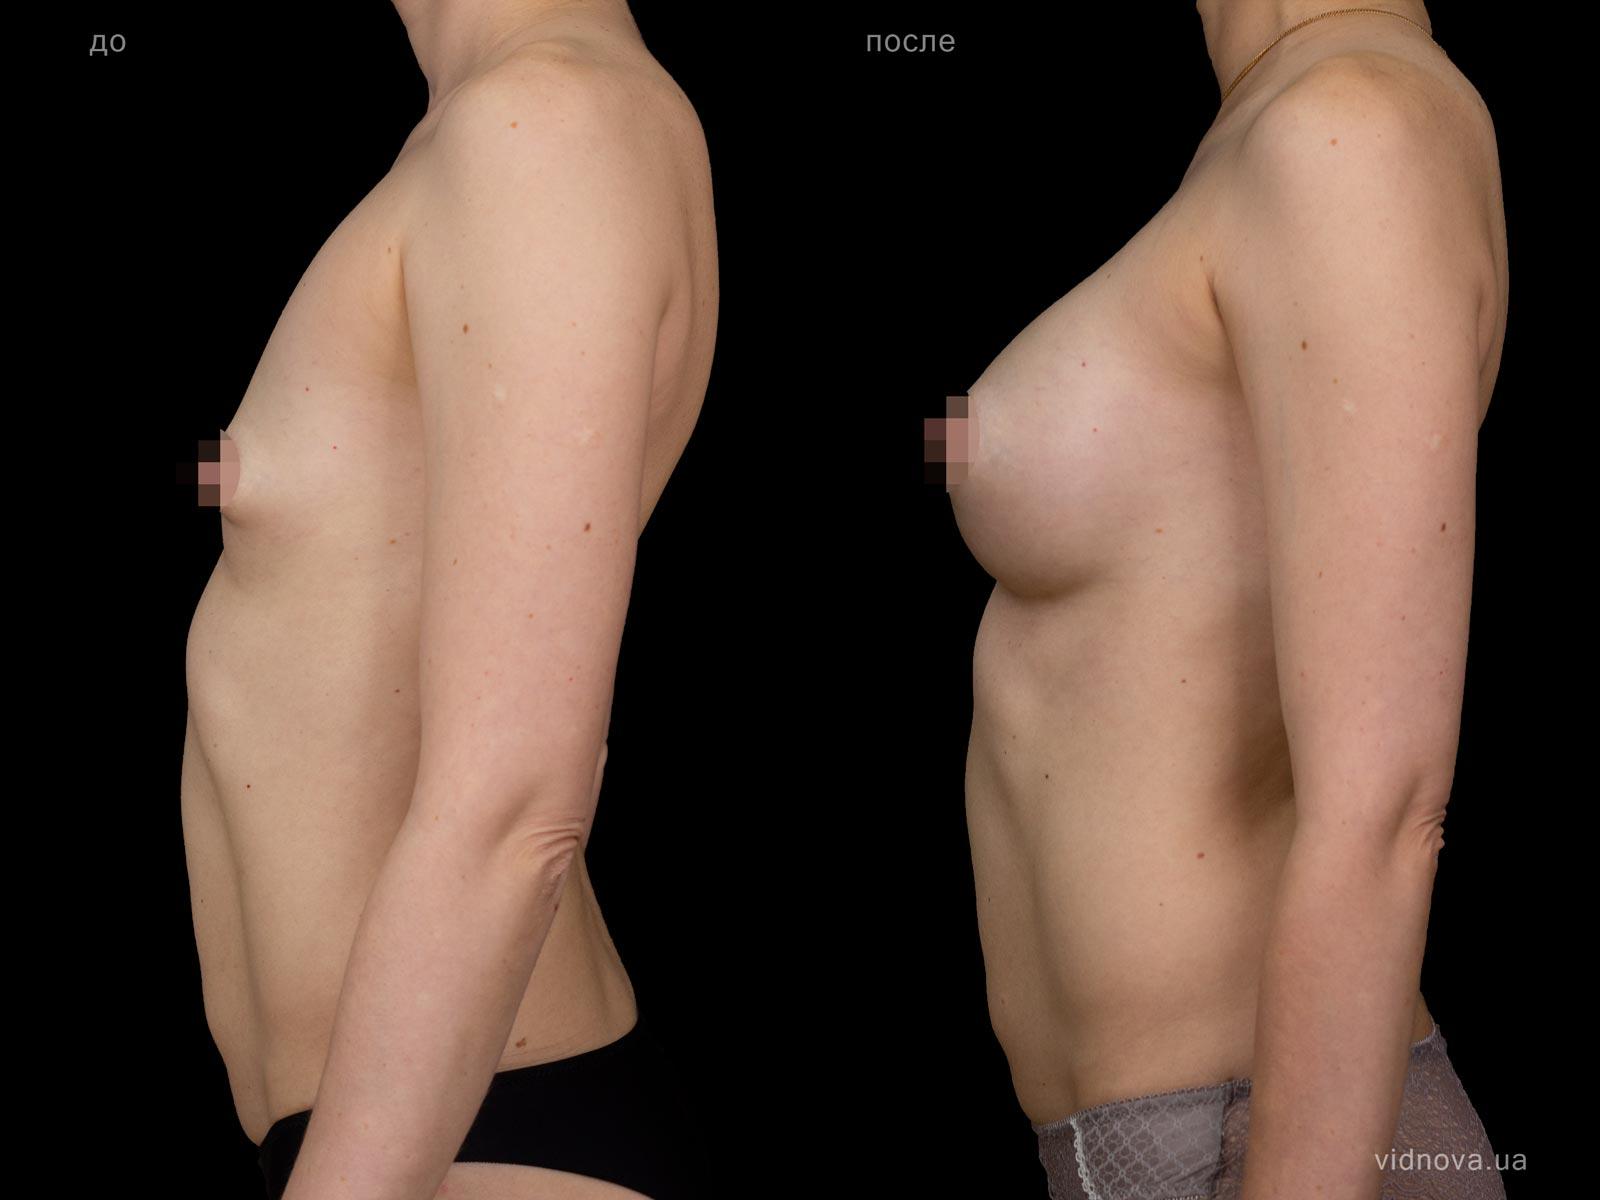 Пластика груди: результаты до и после - Пример №85-2 - Светлана Работенко